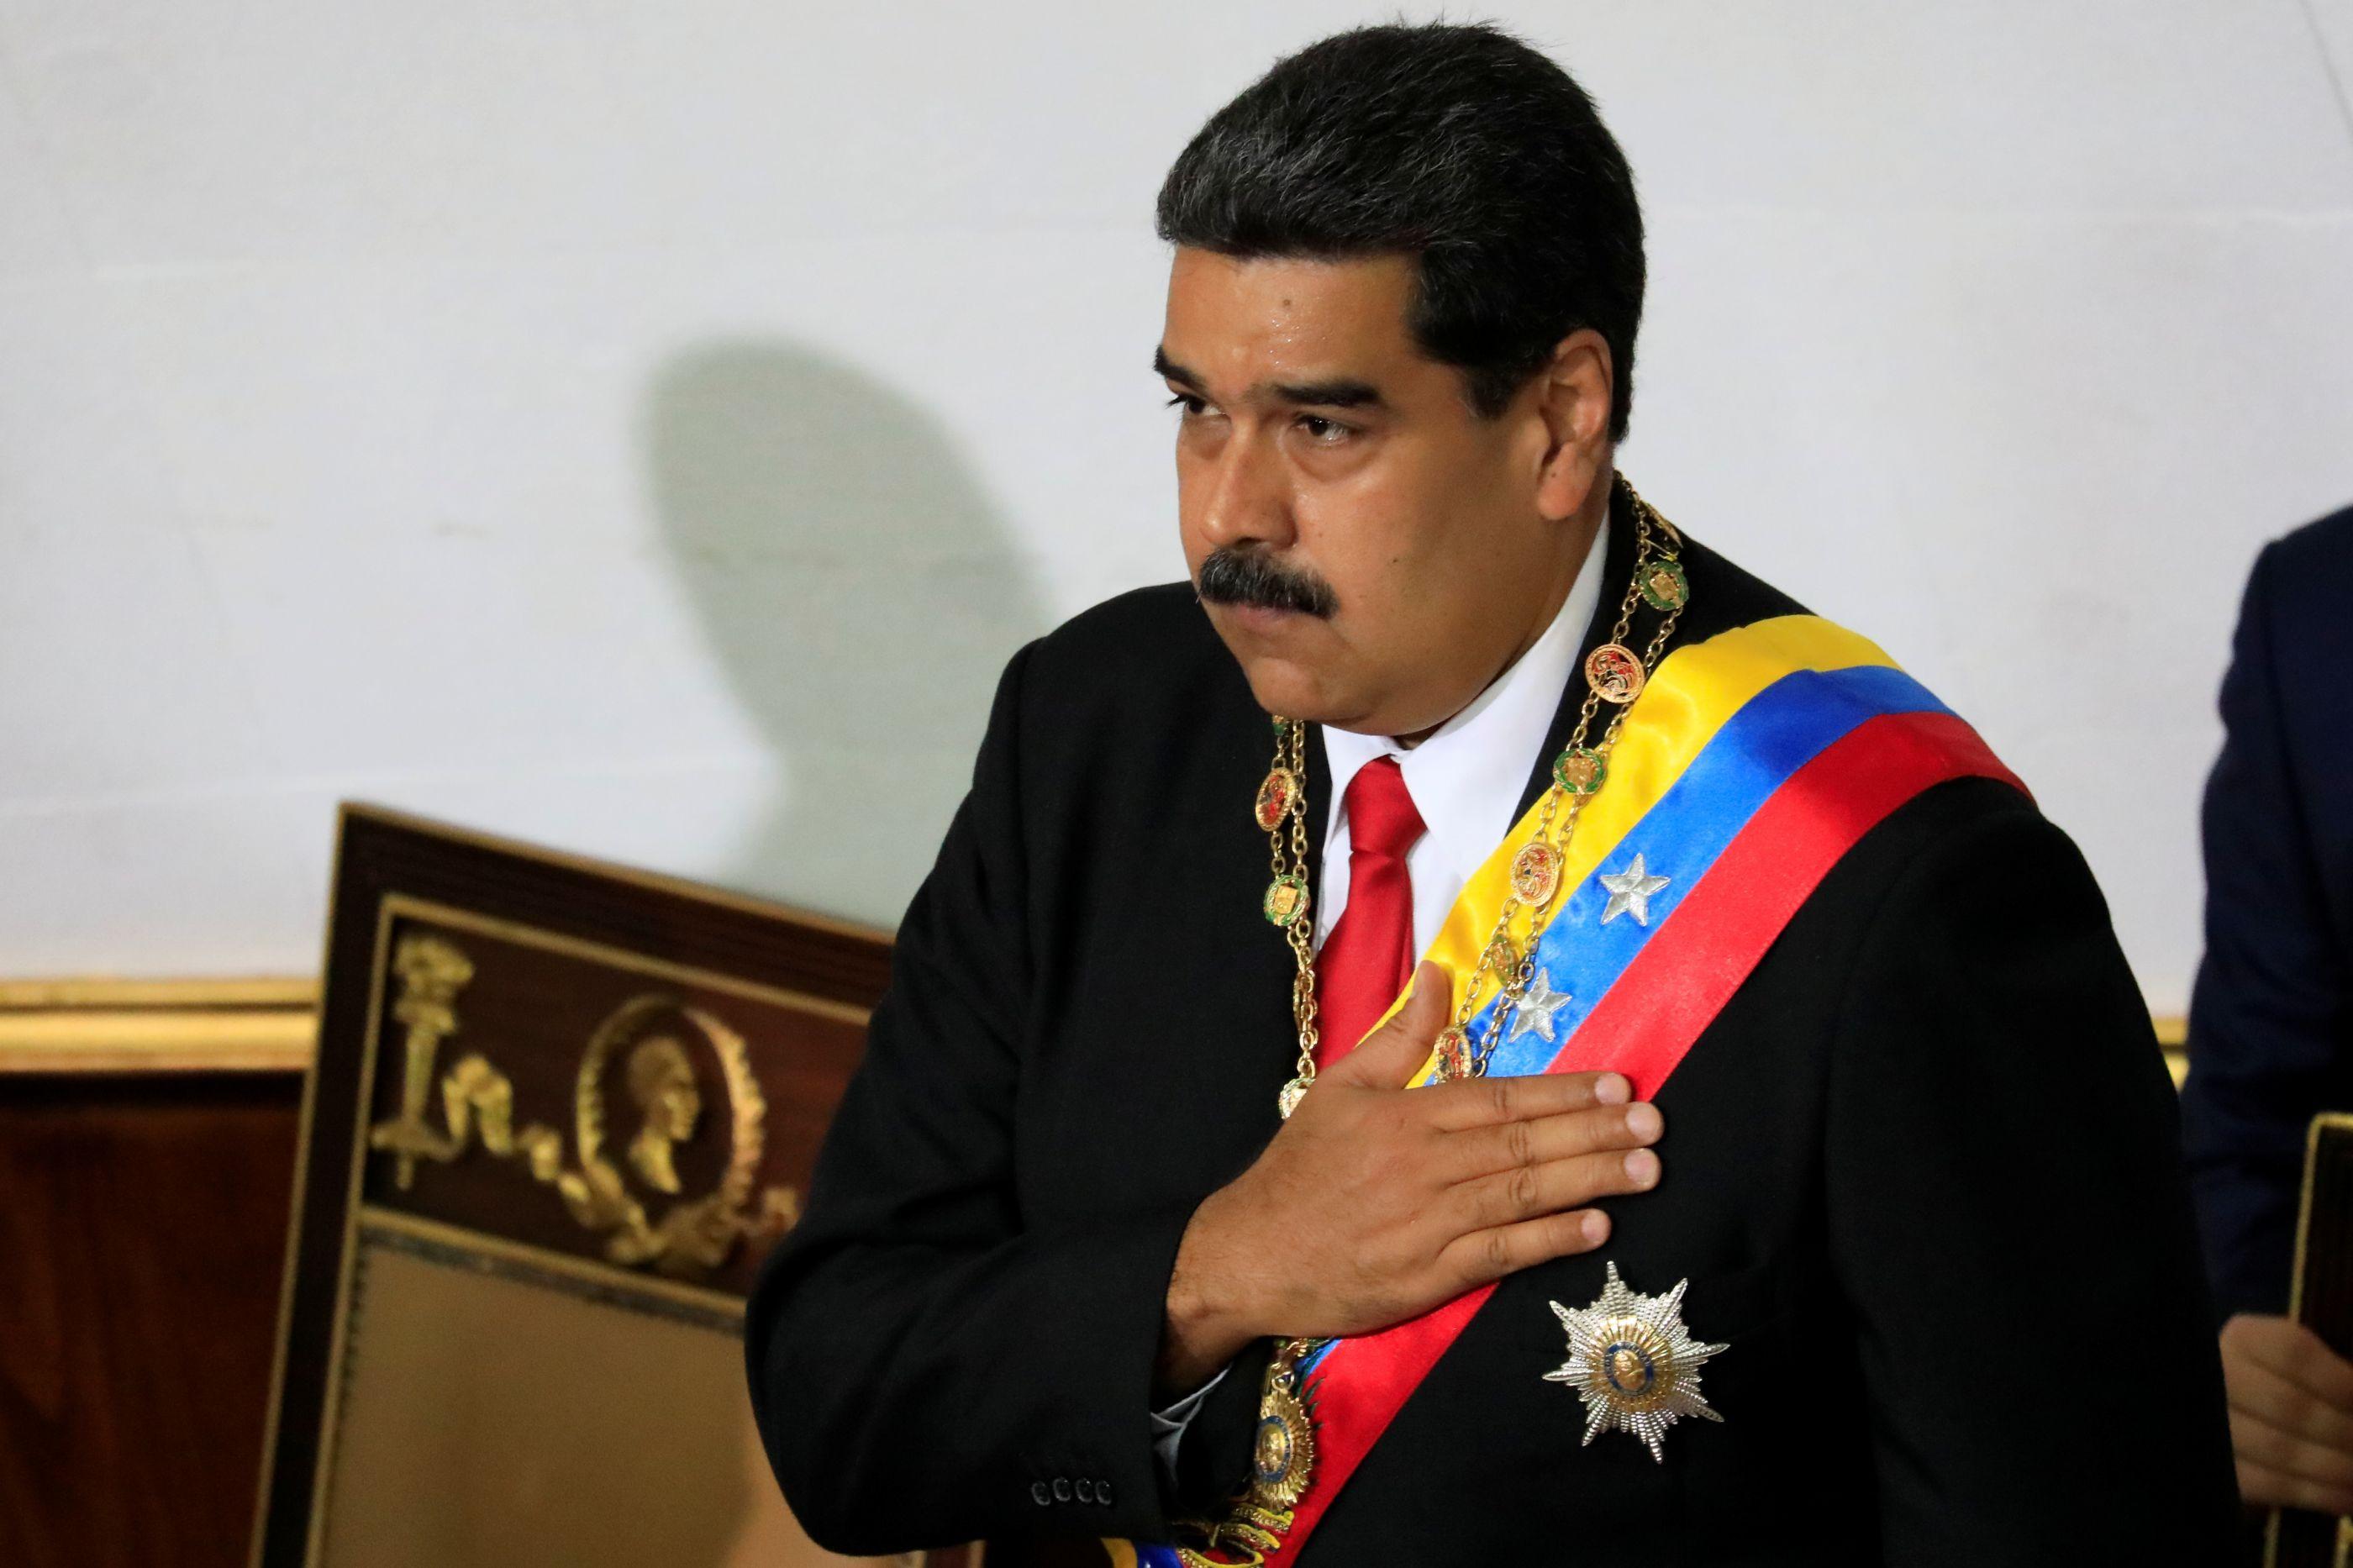 Colapso econômico vai se agravar após reeleição de Maduro